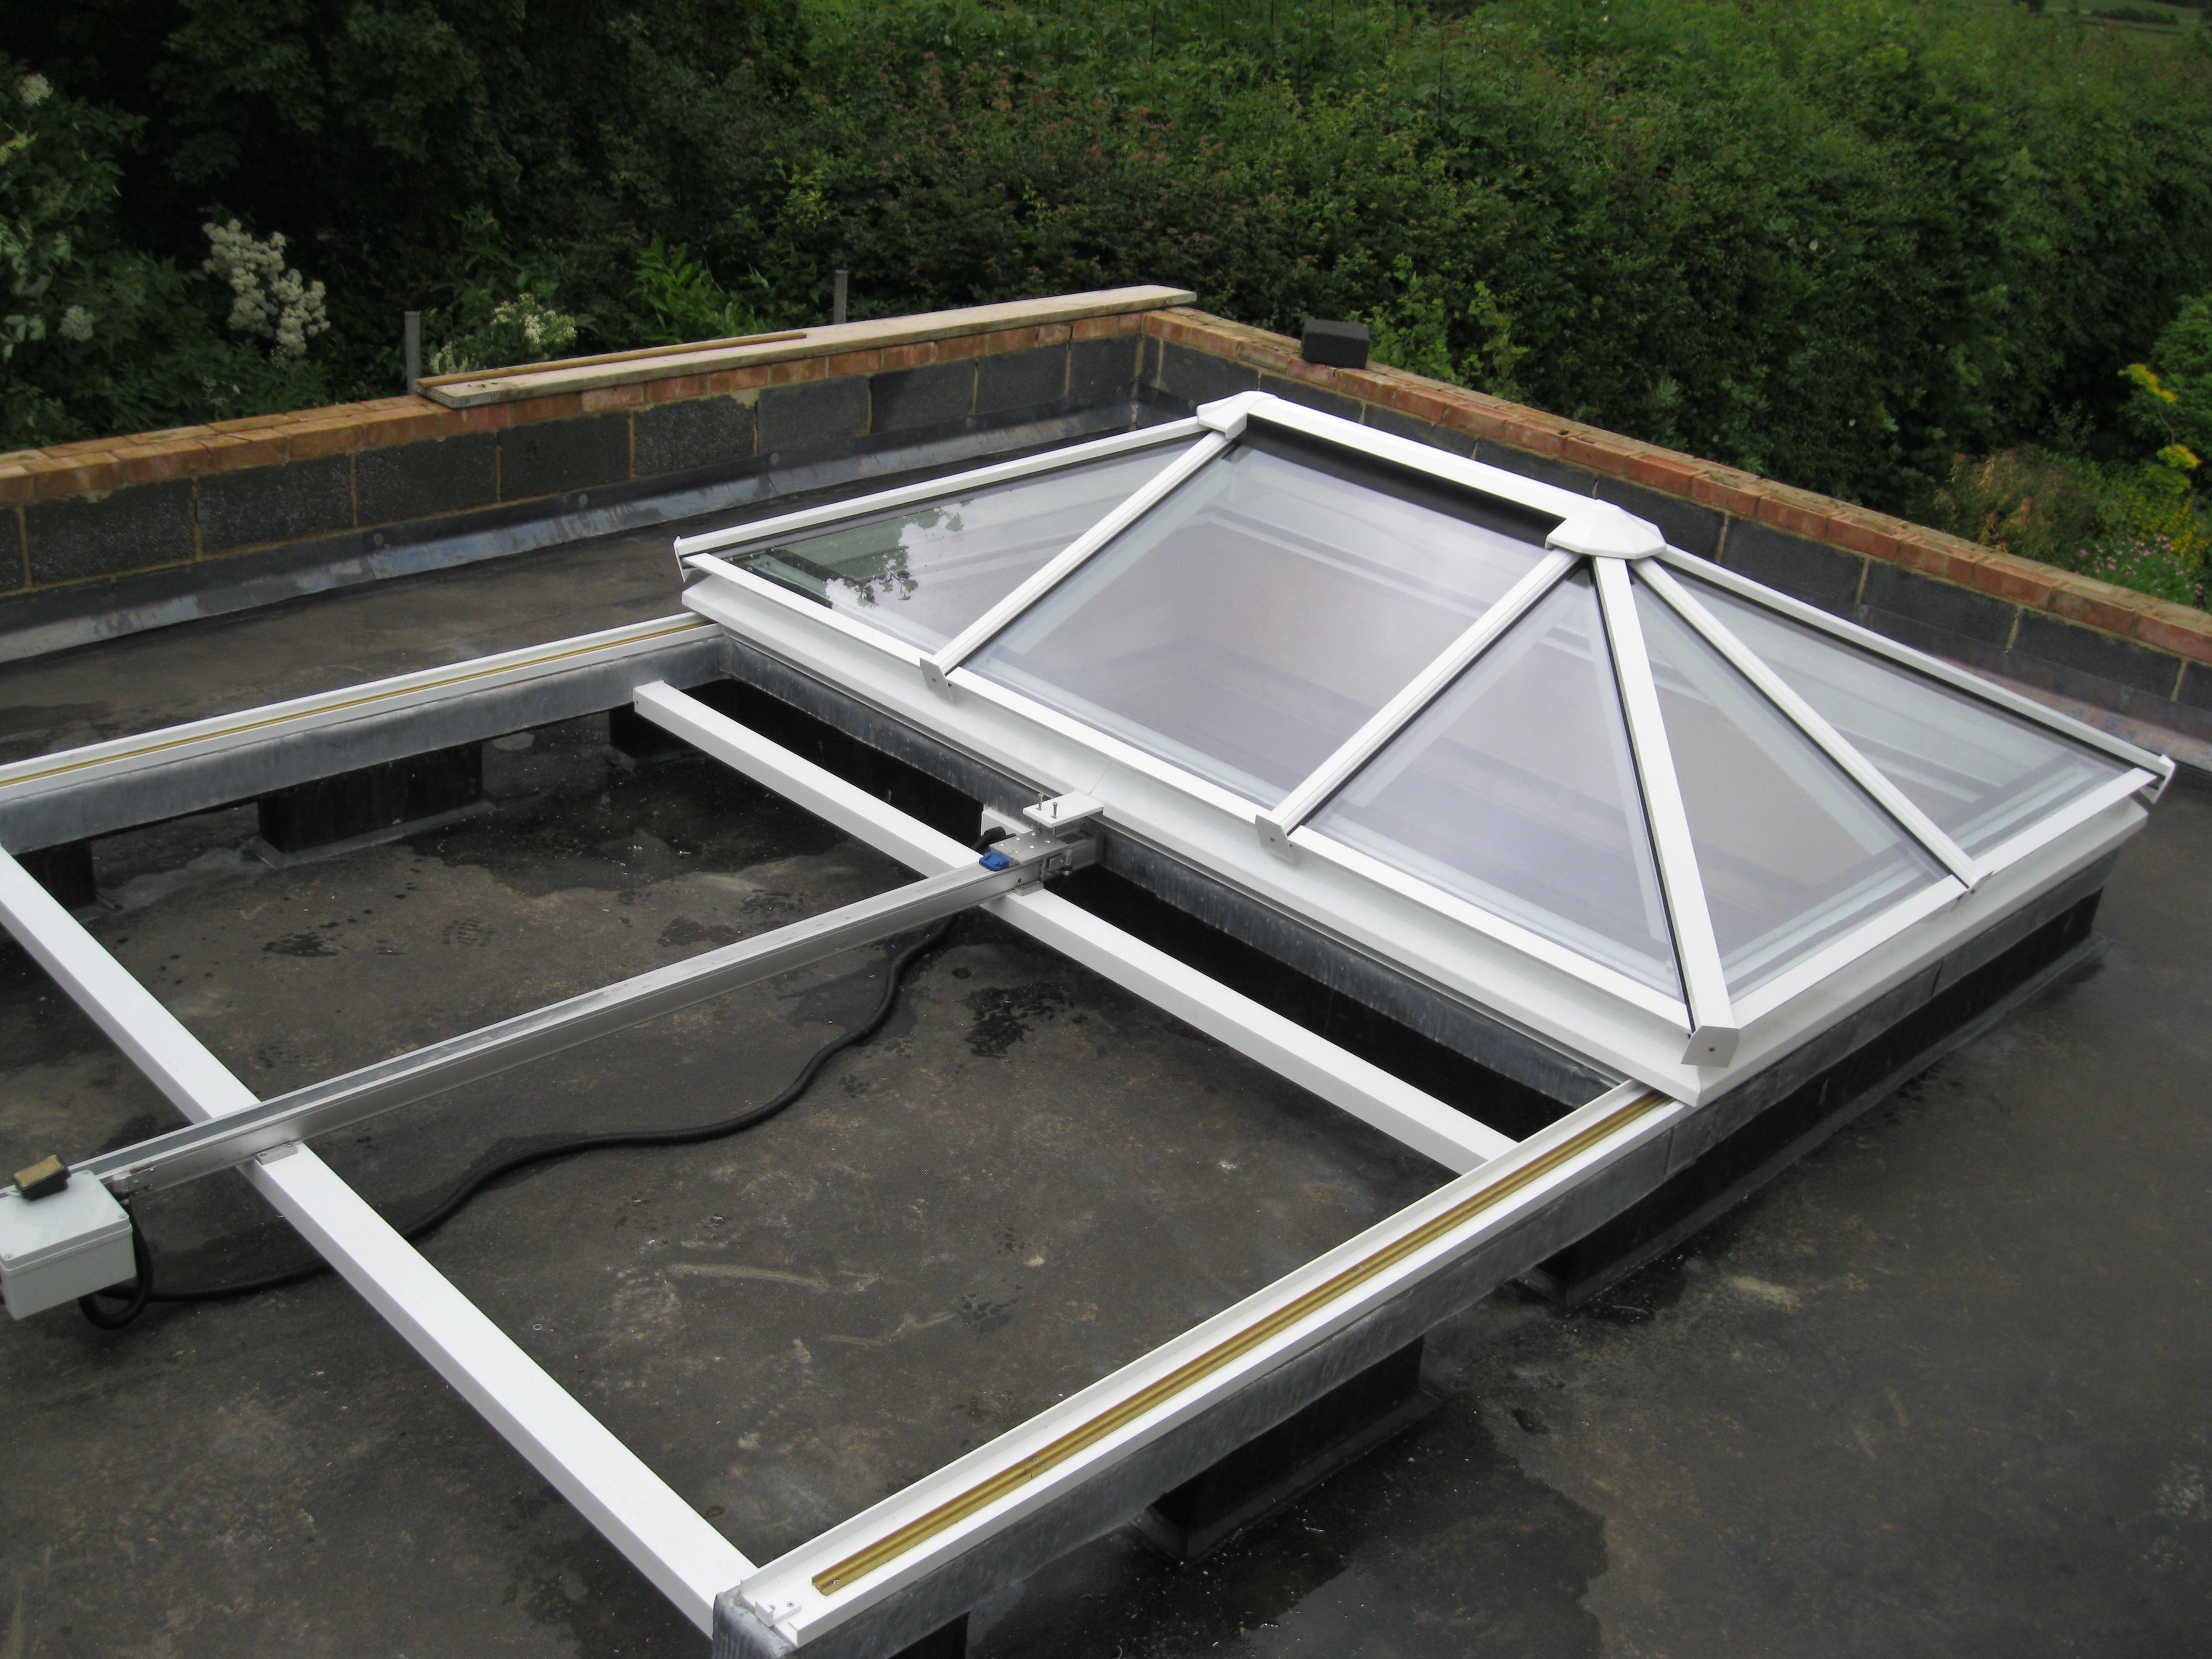 TRNR Fully Retracting, Slide Open, Hip Ended Glazed Roof, Rooflight, Skylight, Roof Lantern